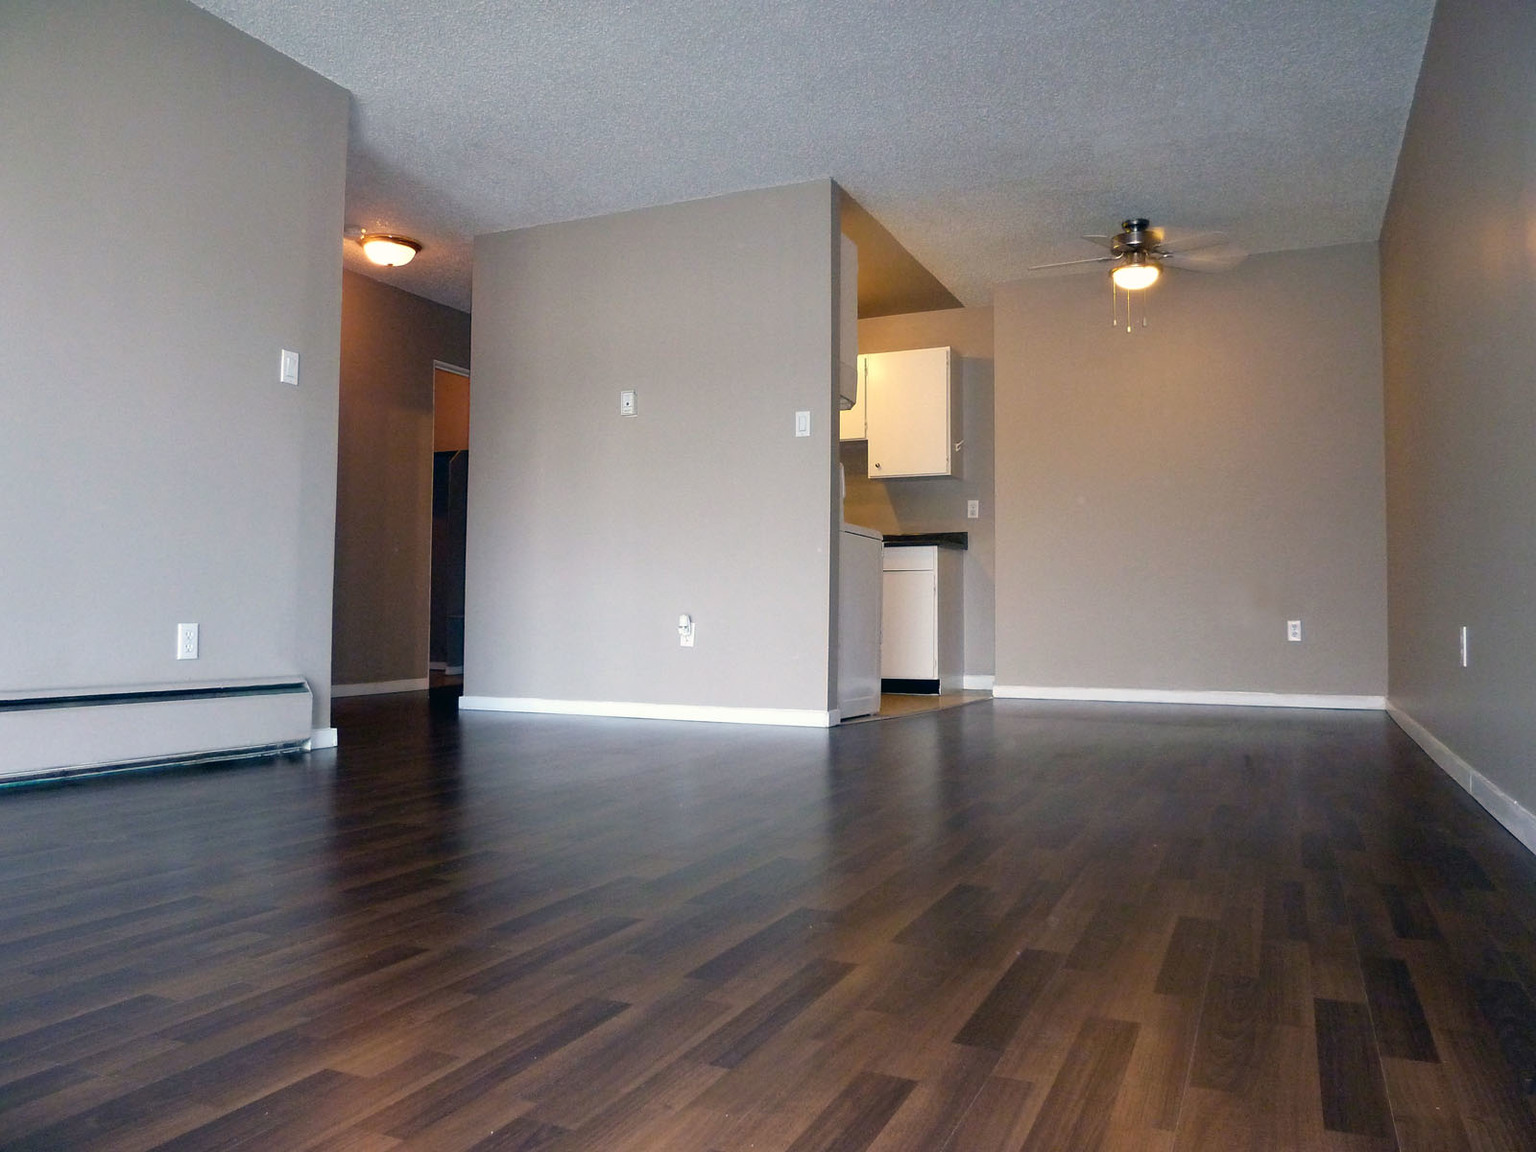 14921 104 Avenue, Surrey, BC - $1,350 CAD/ month